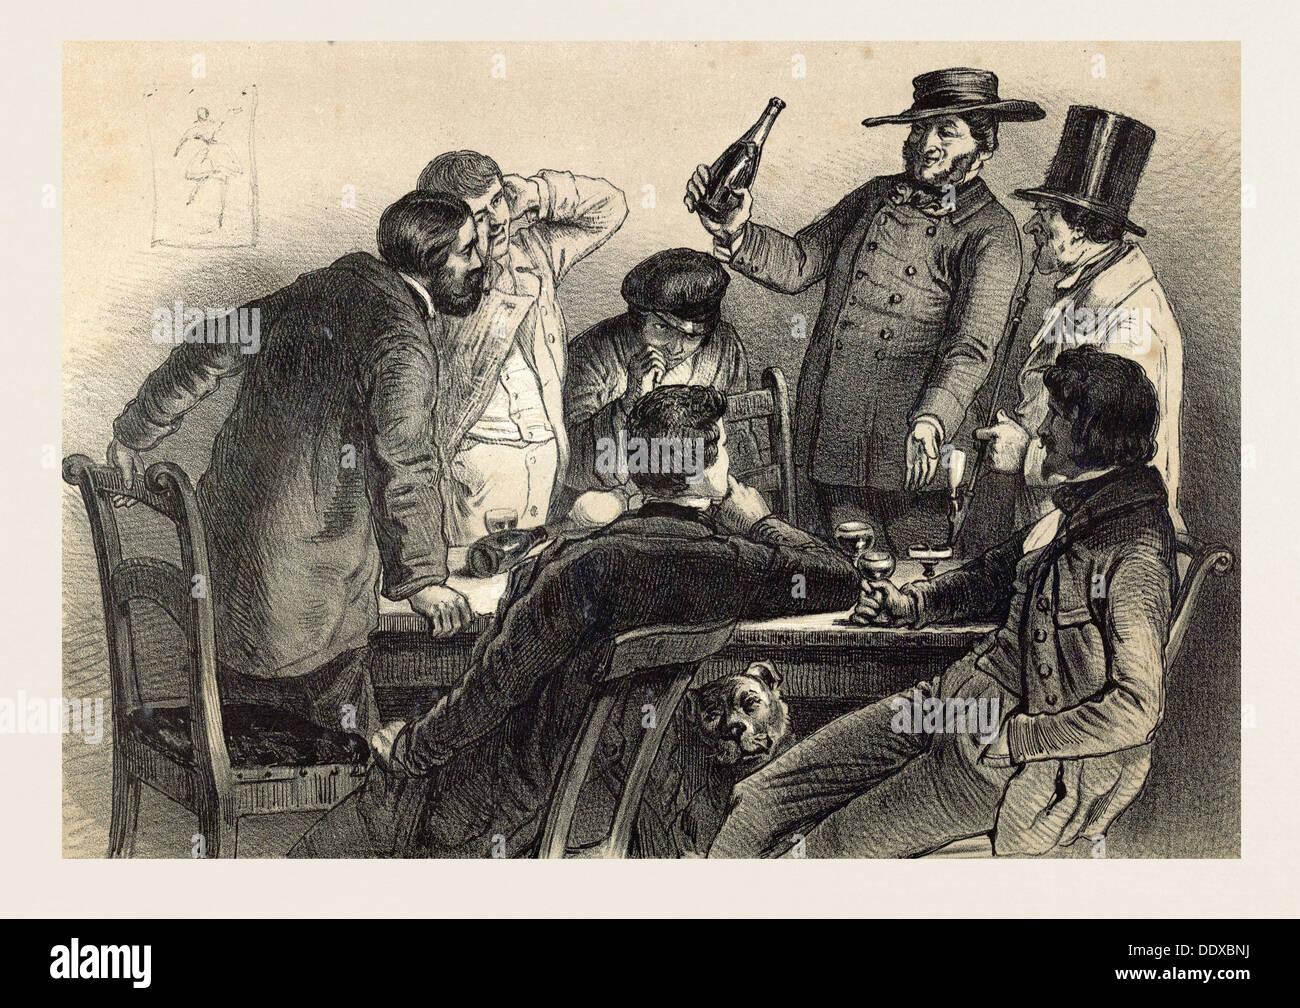 Bere le bottiglie in Germania, secolo XIX litografia, vino, di vetro, wine-bottiglia, alcool, alcolico, uomini, cane, occhiali Immagini Stock